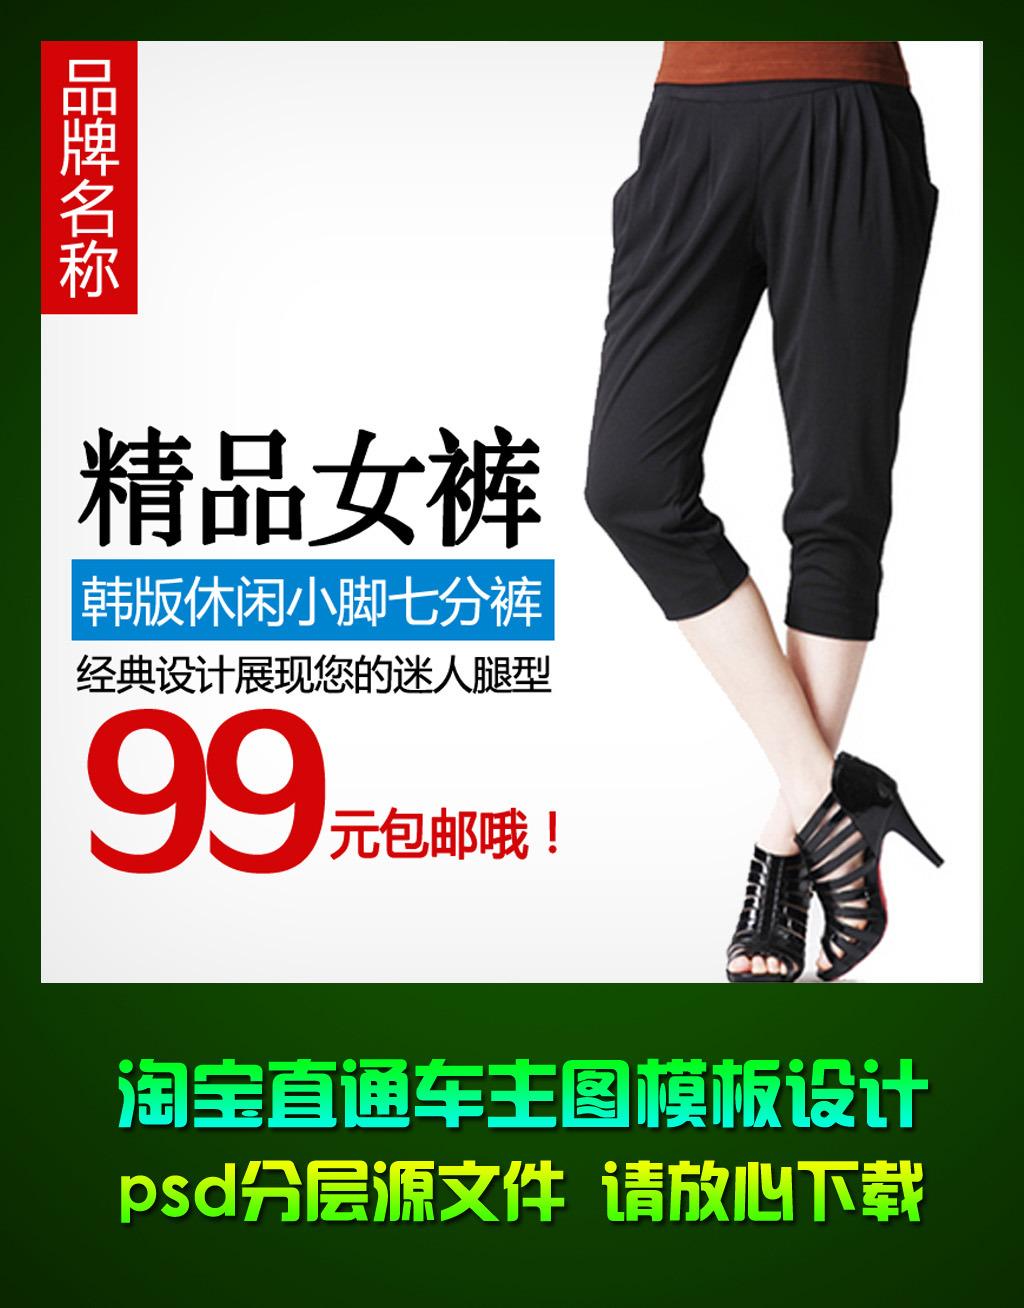 设计 直通/淘宝夏季女裤直通车主图钻石展位psd设计